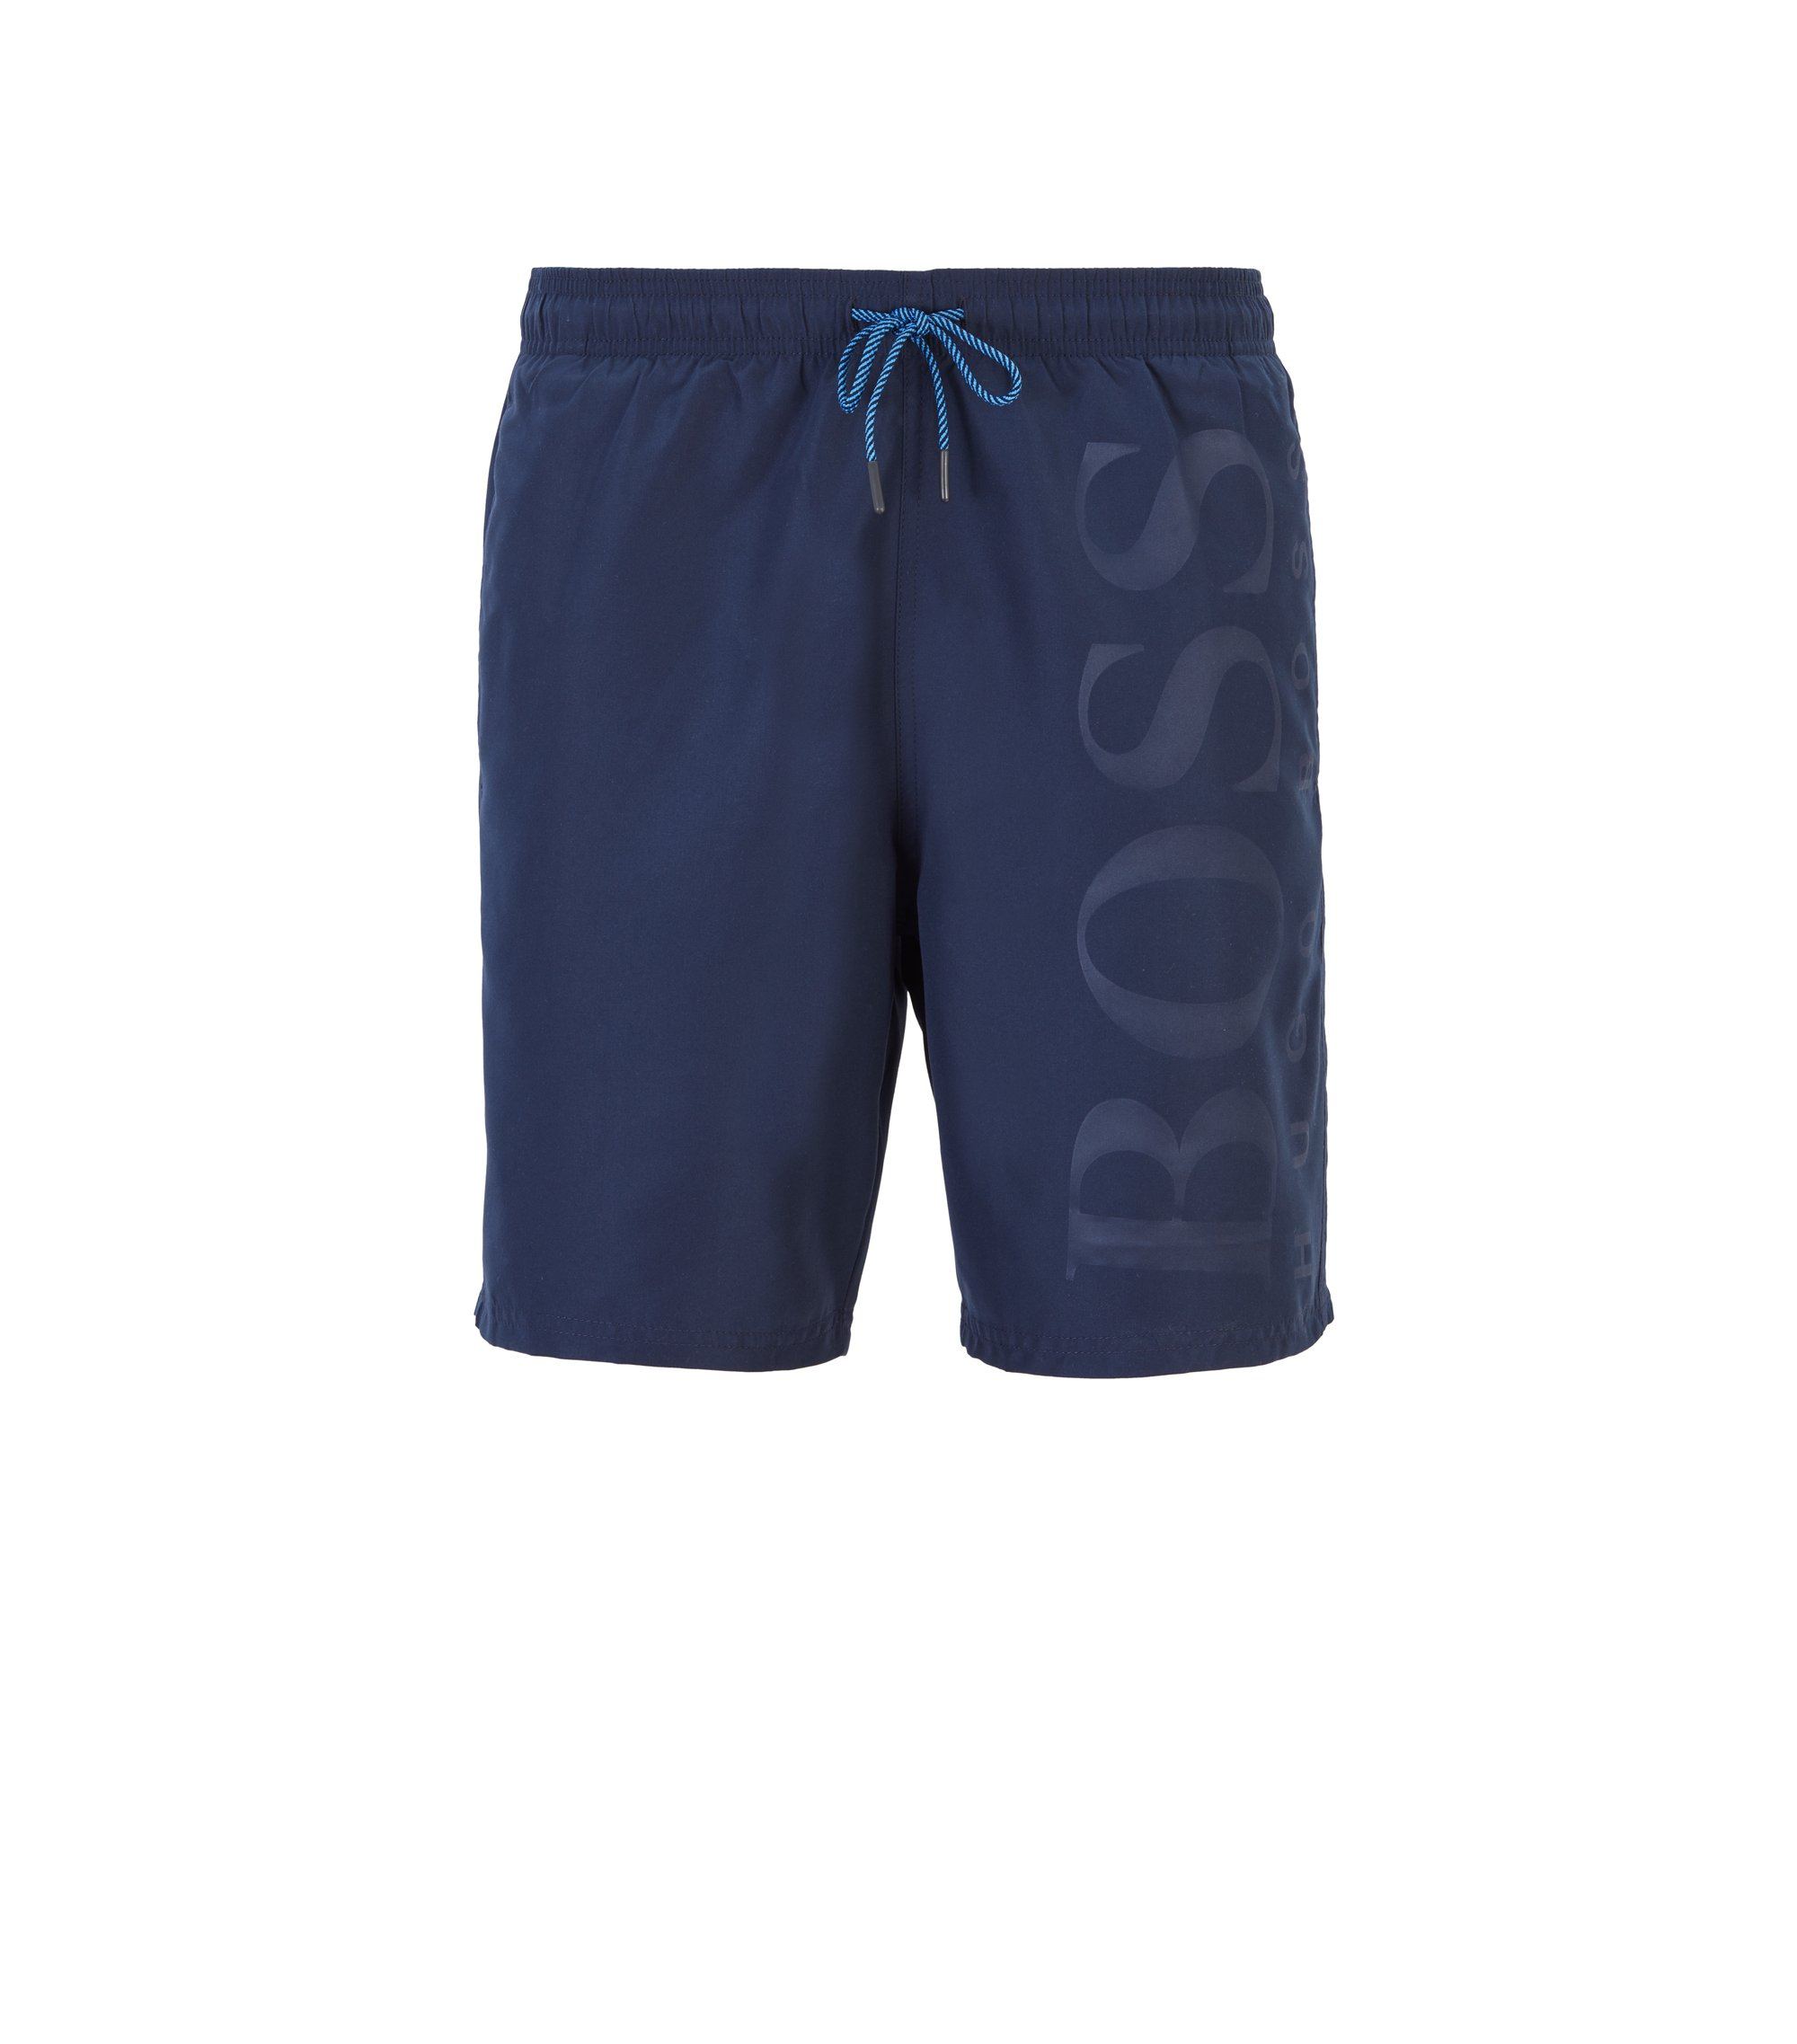 Zwemshort van technisch materiaal met trekkoord in de taille, Donkerblauw